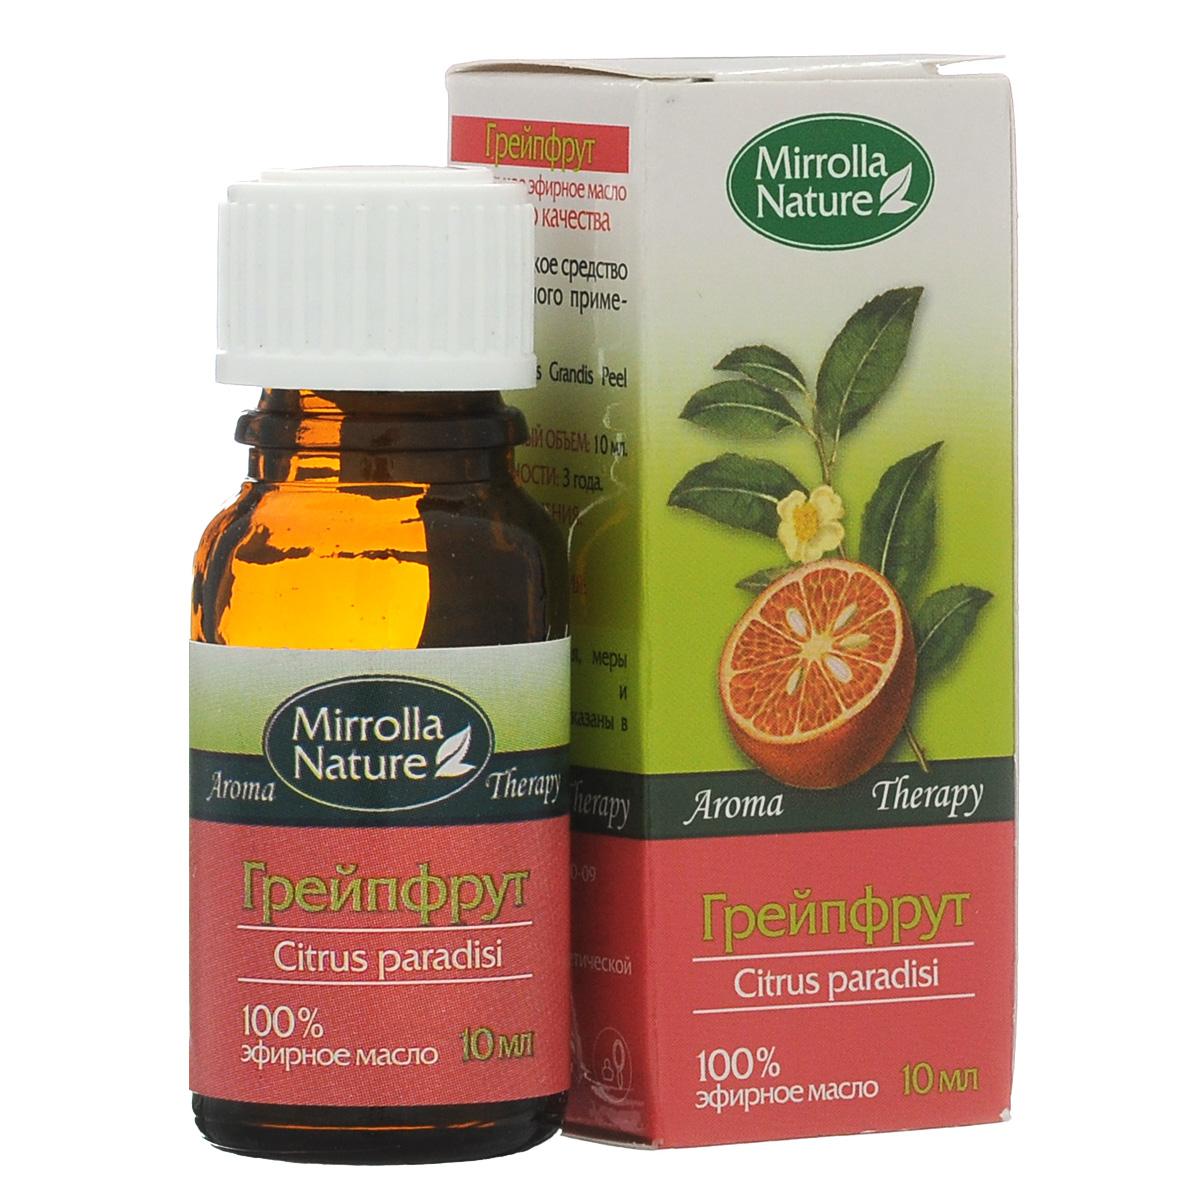 Мирролла Масло грейпфрута, 10 мл4650001790149Замедляет процесс образования морщинок, повышает упругость кожи, обладает отбеливающим эффектом; предупреждает появление растяжек кожи (стрий). Аромат нежной, холодной, горьковатой свежести.